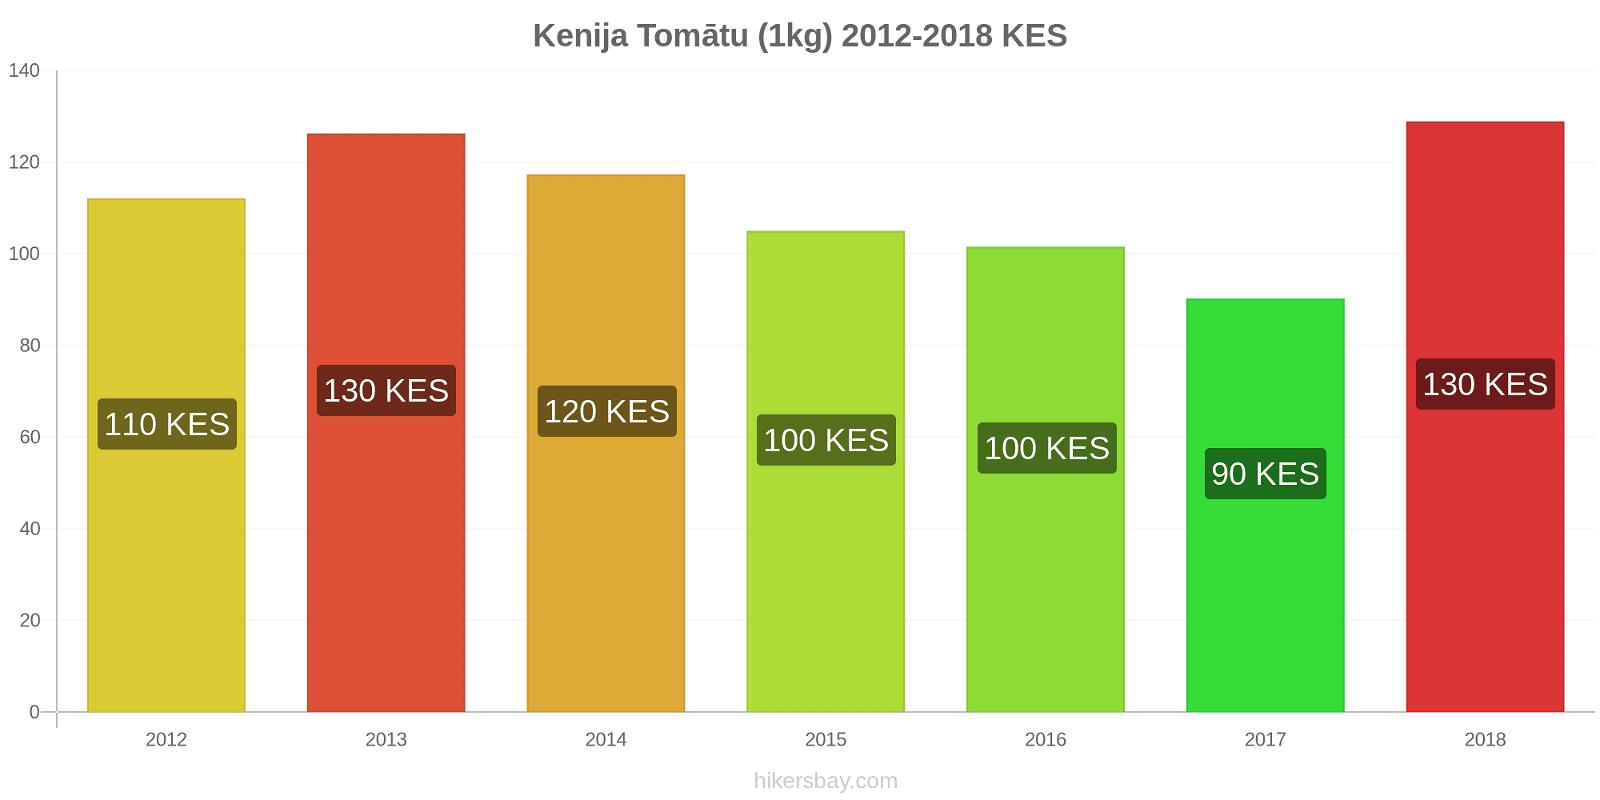 Kenija cenu izmaiņas Tomātu (1kg) hikersbay.com